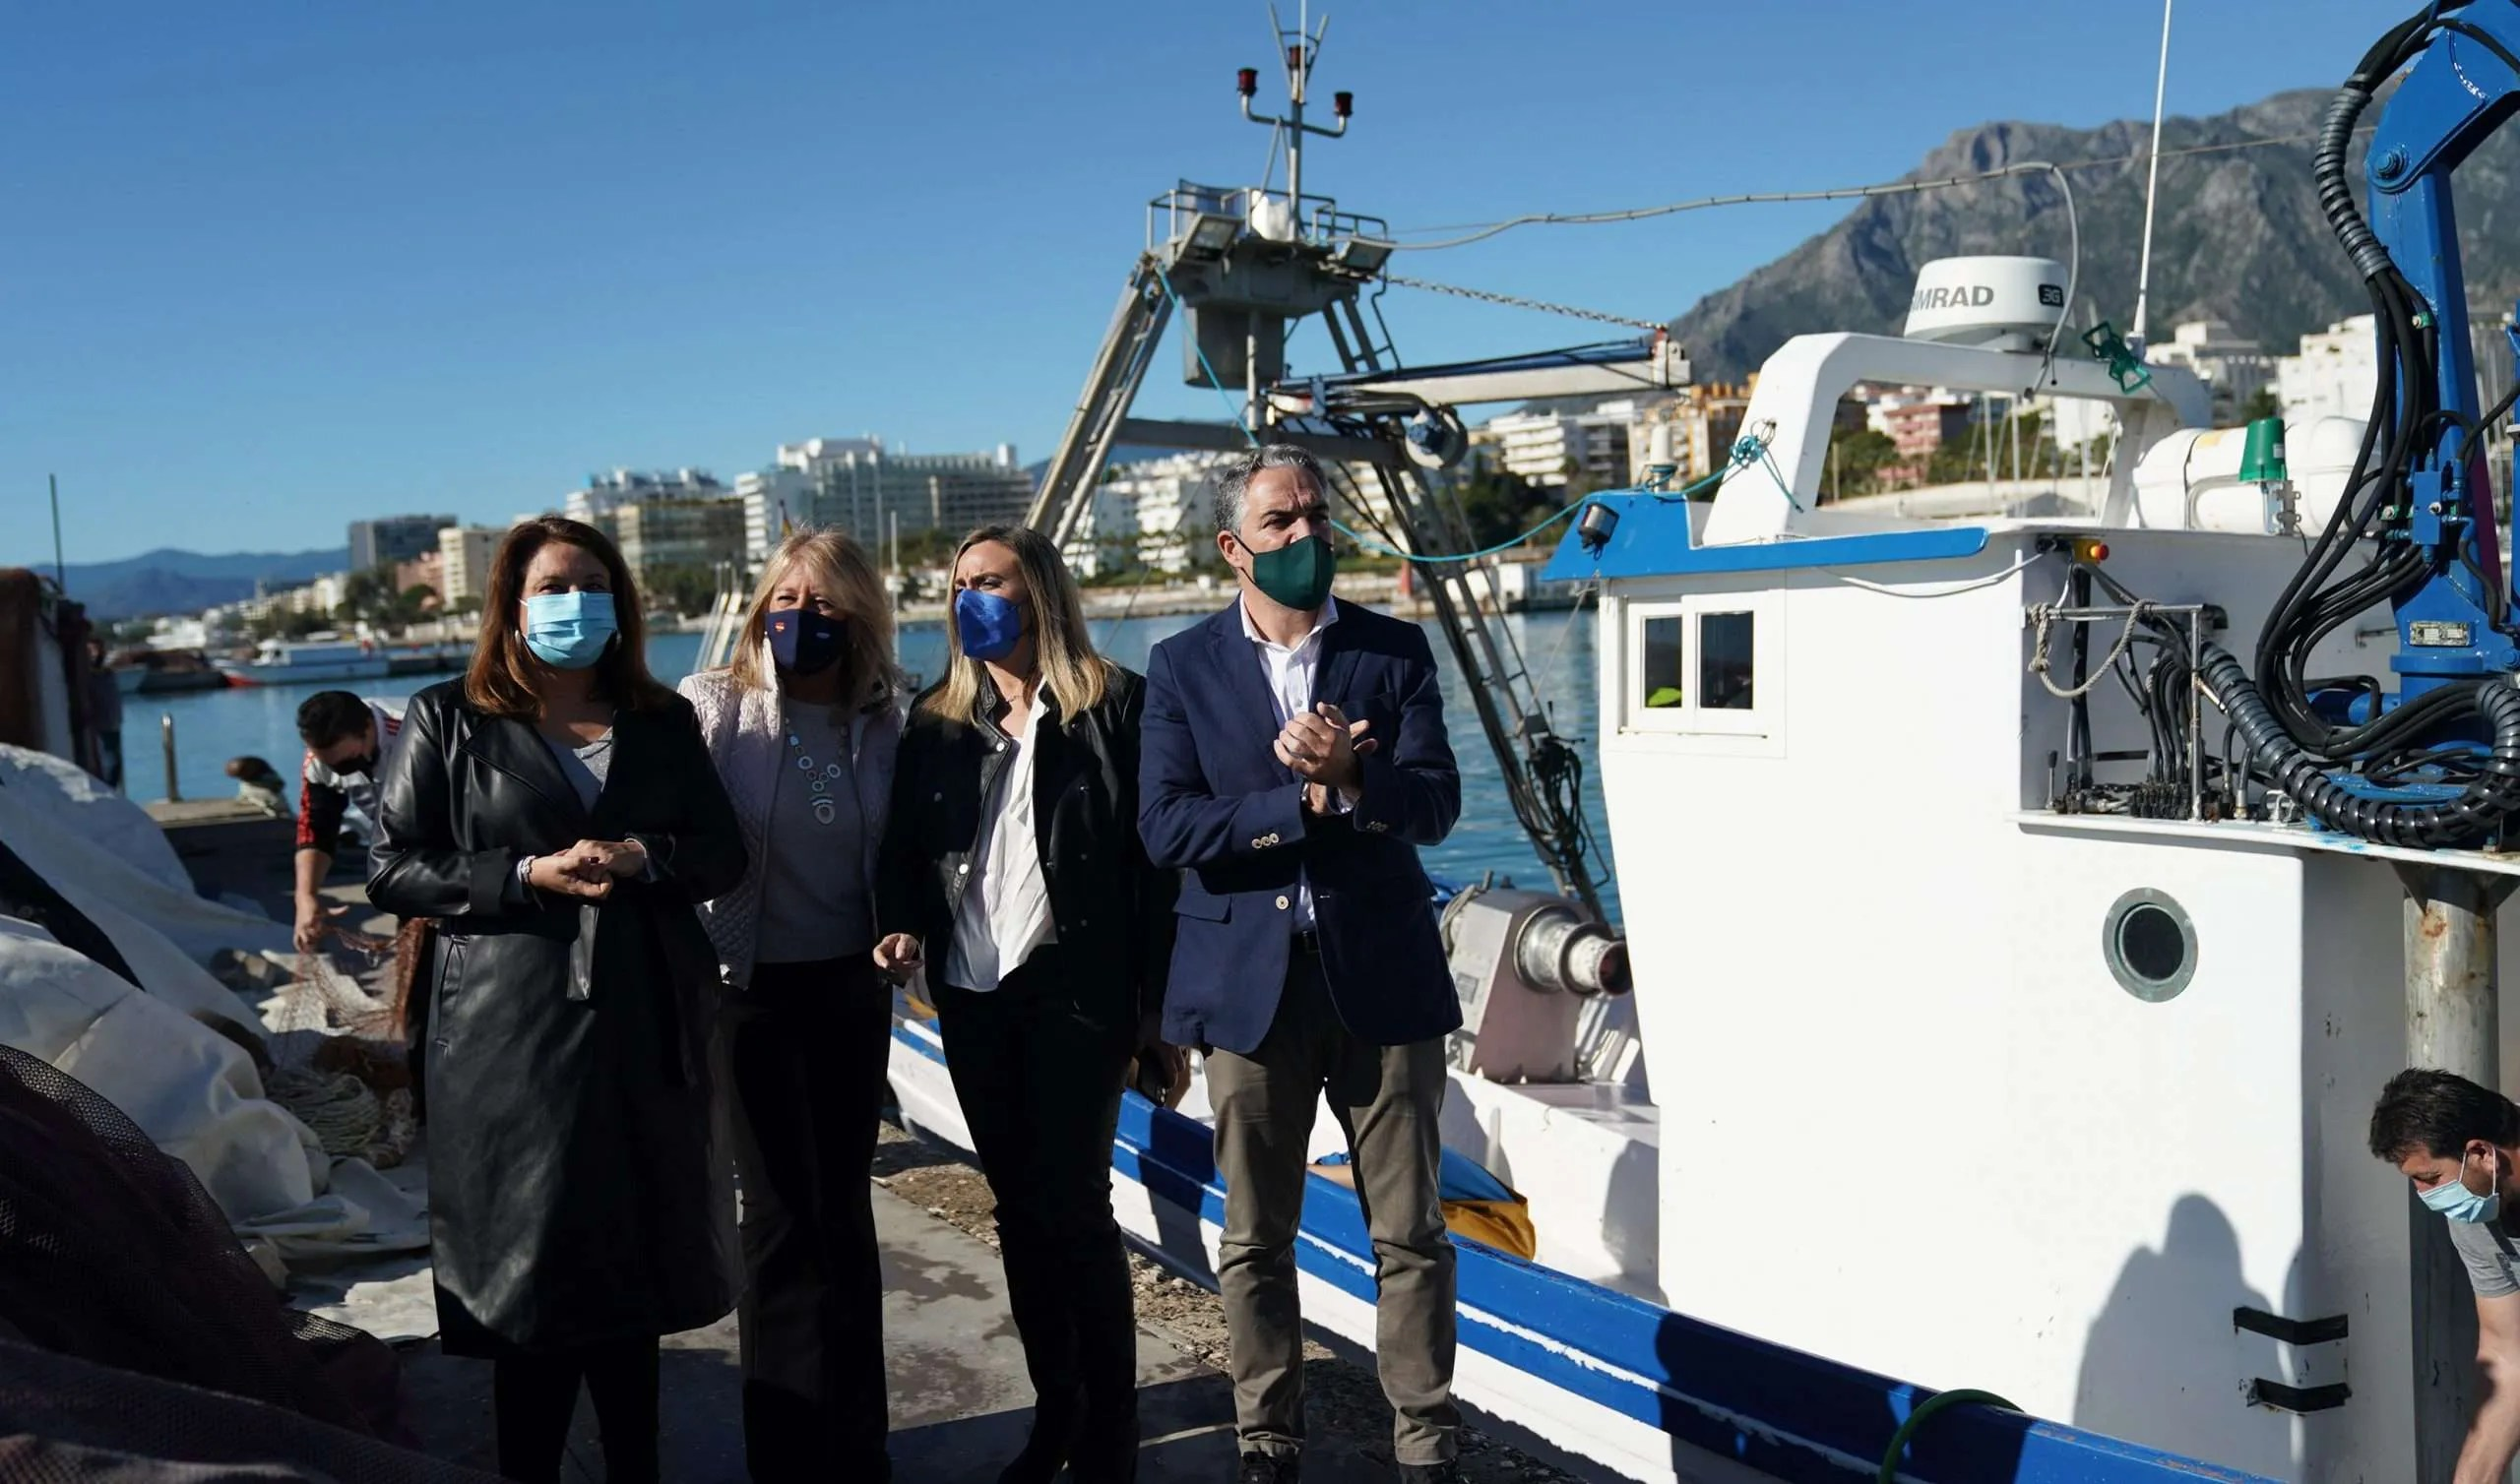 Junta de Andalucia councillors at Marbella Port